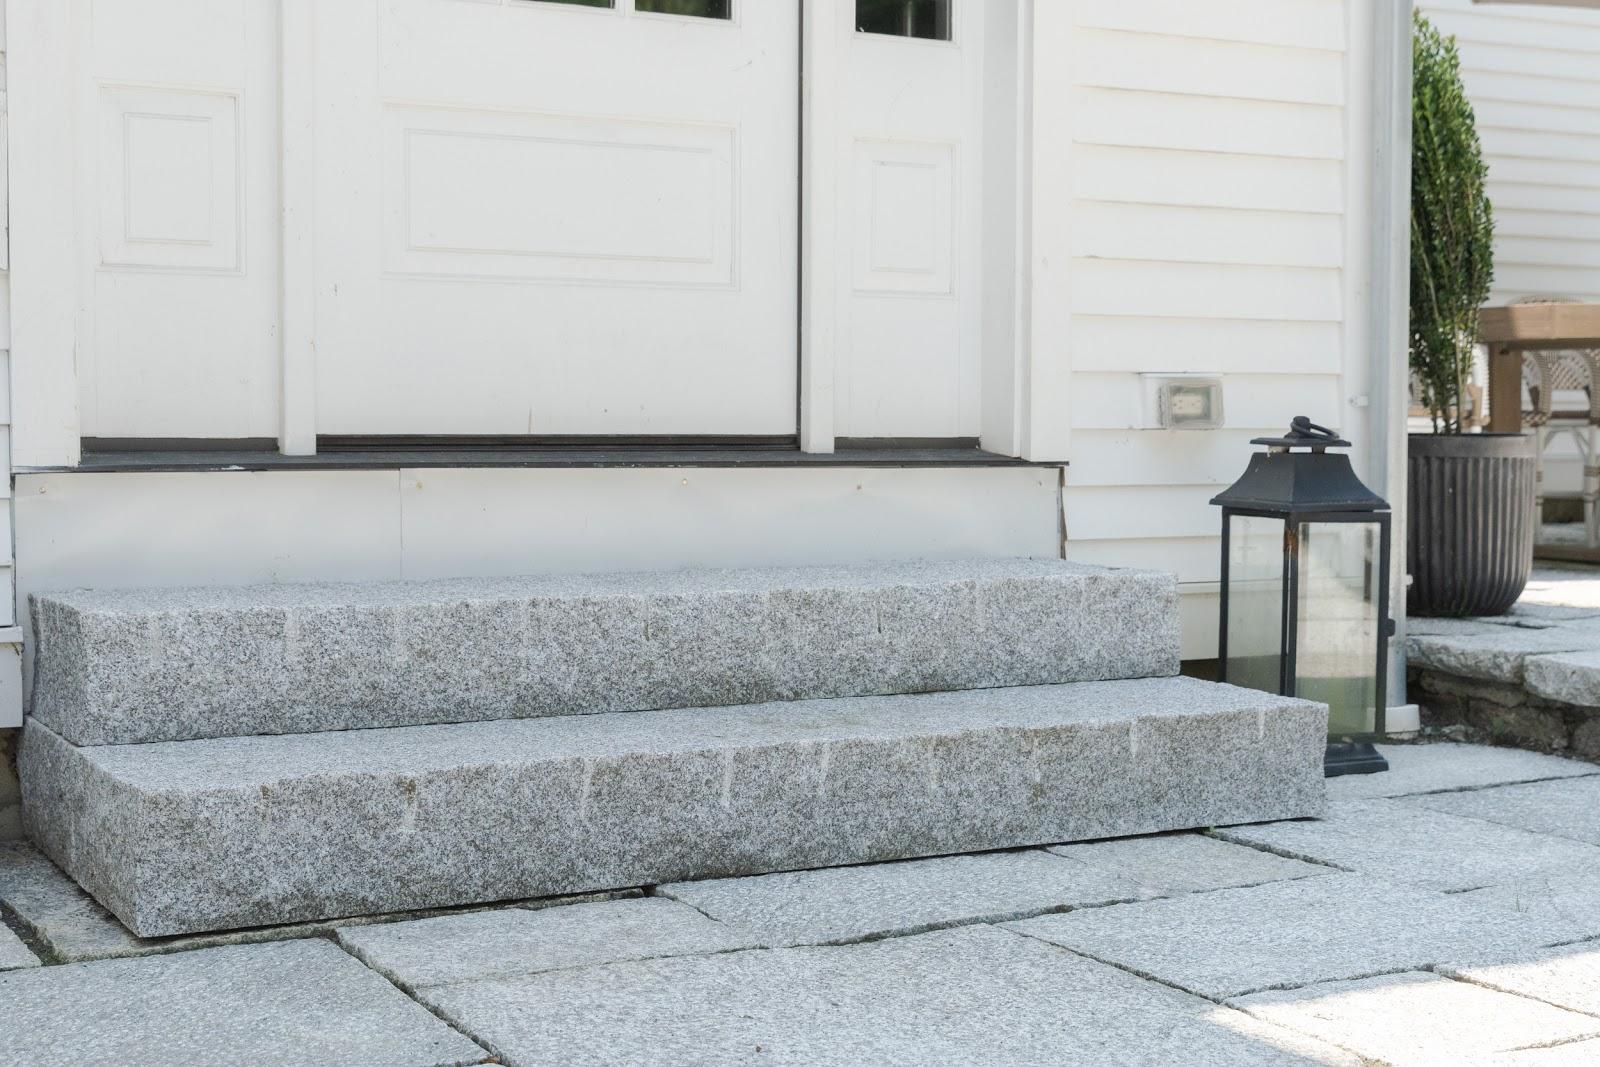 Woodbury Gray granite yankee style steps